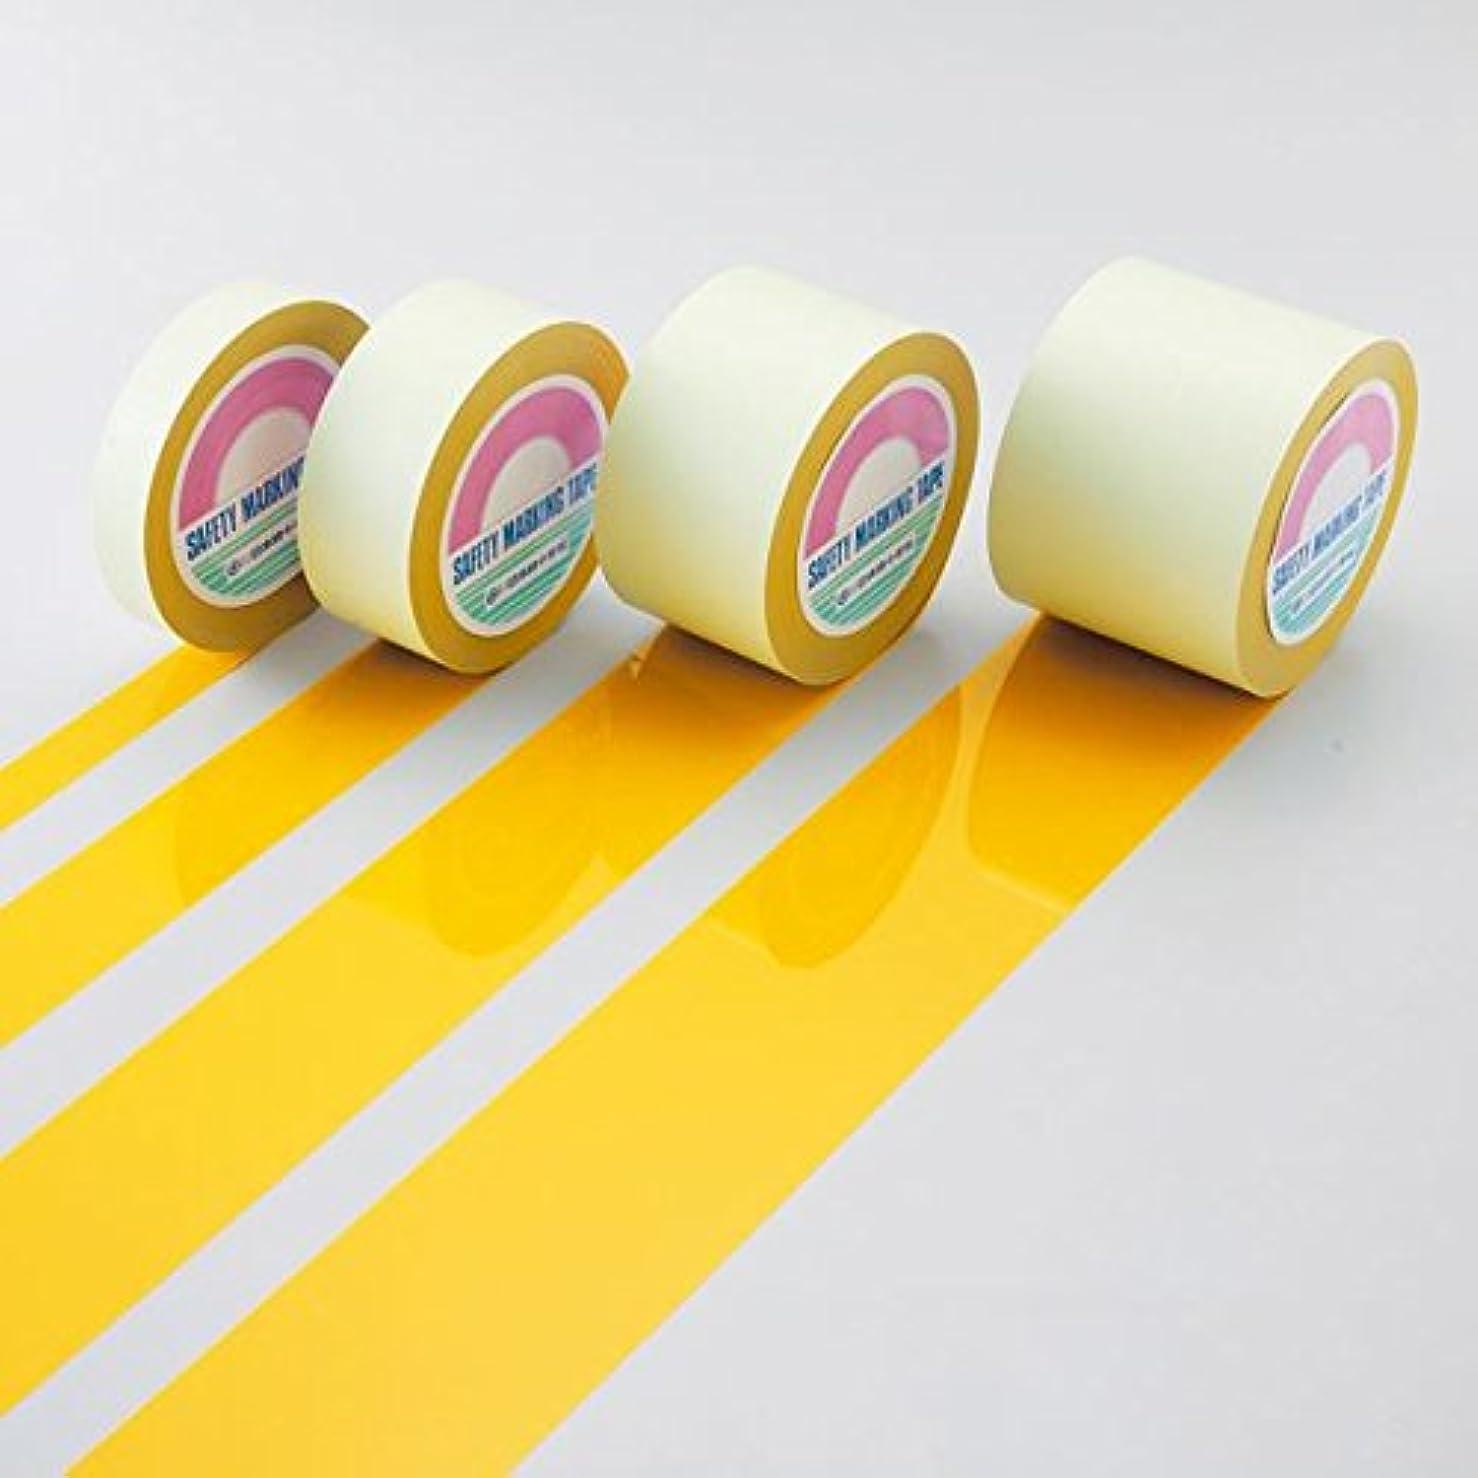 タヒチ従順な改善ガードテープ GT-101Y ■カラー:黄 100mm幅